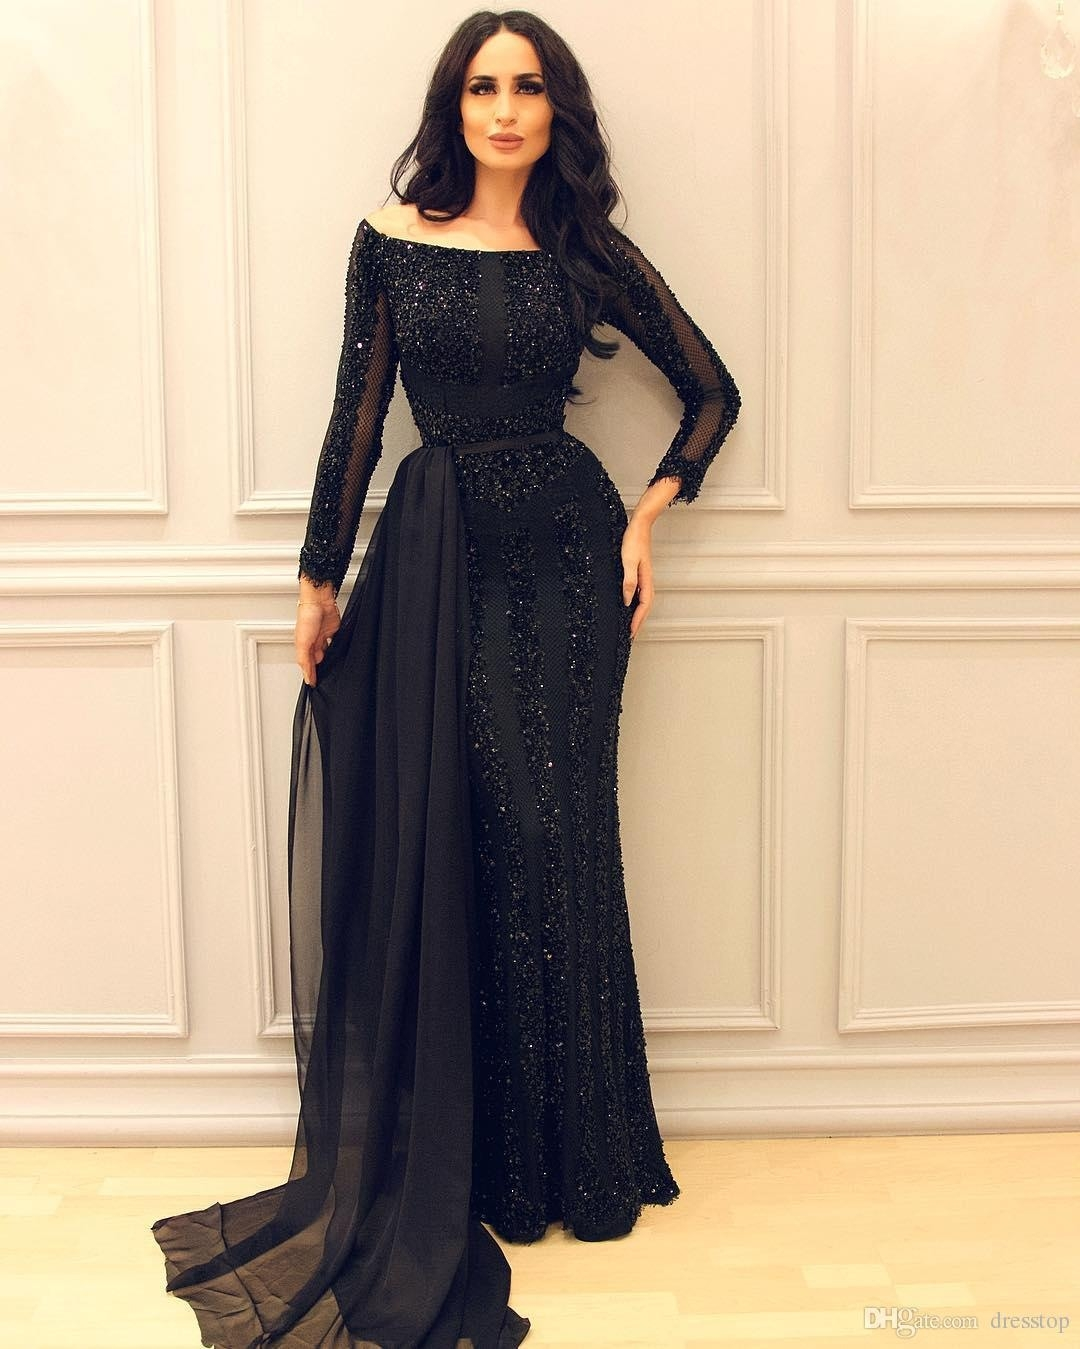 Schön Kleider Abendgarderobe für 201915 Spektakulär Kleider Abendgarderobe Vertrieb